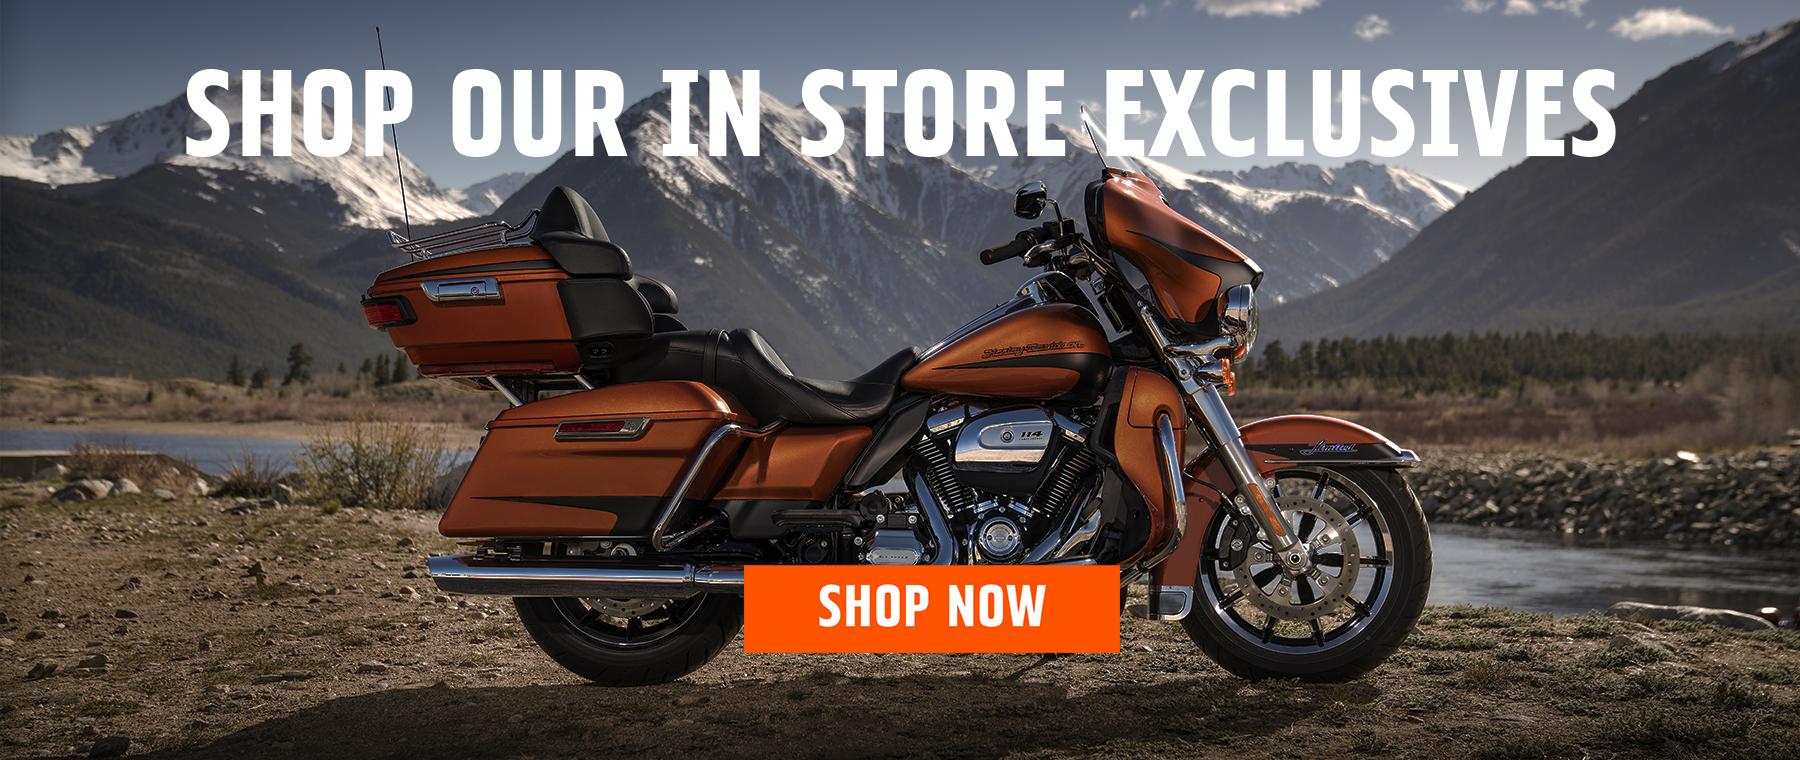 Harley-Banner-Image1